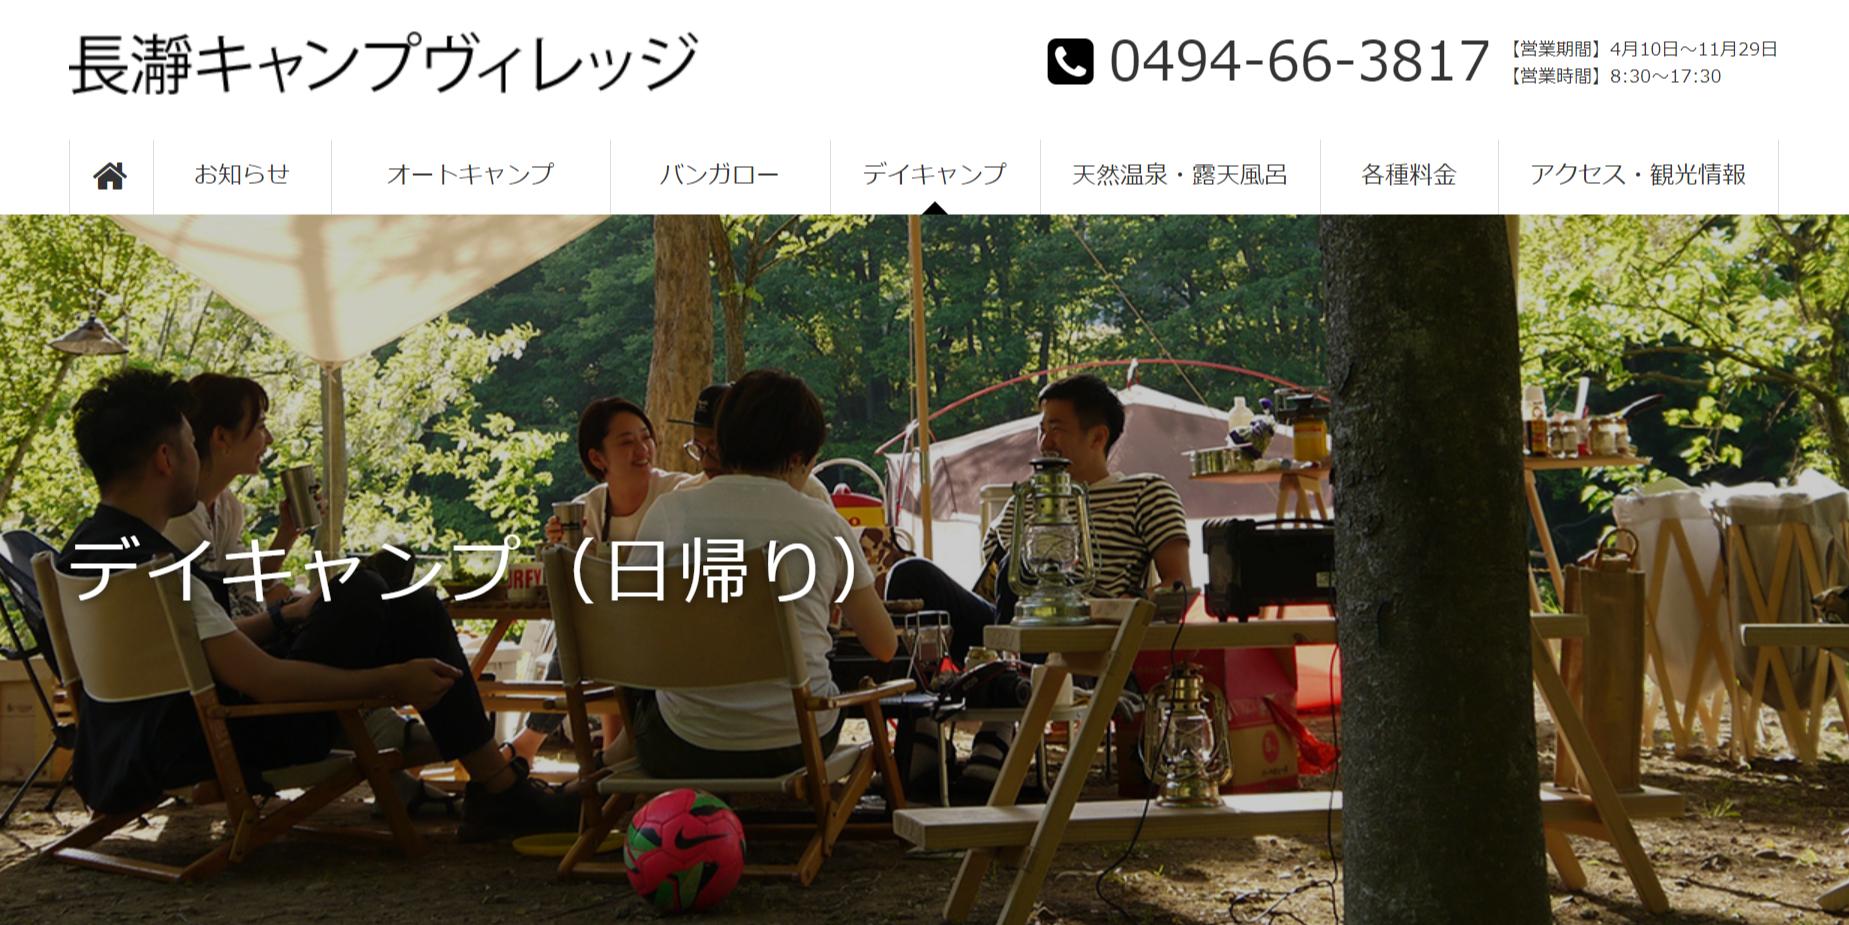 長瀞キャンプ場